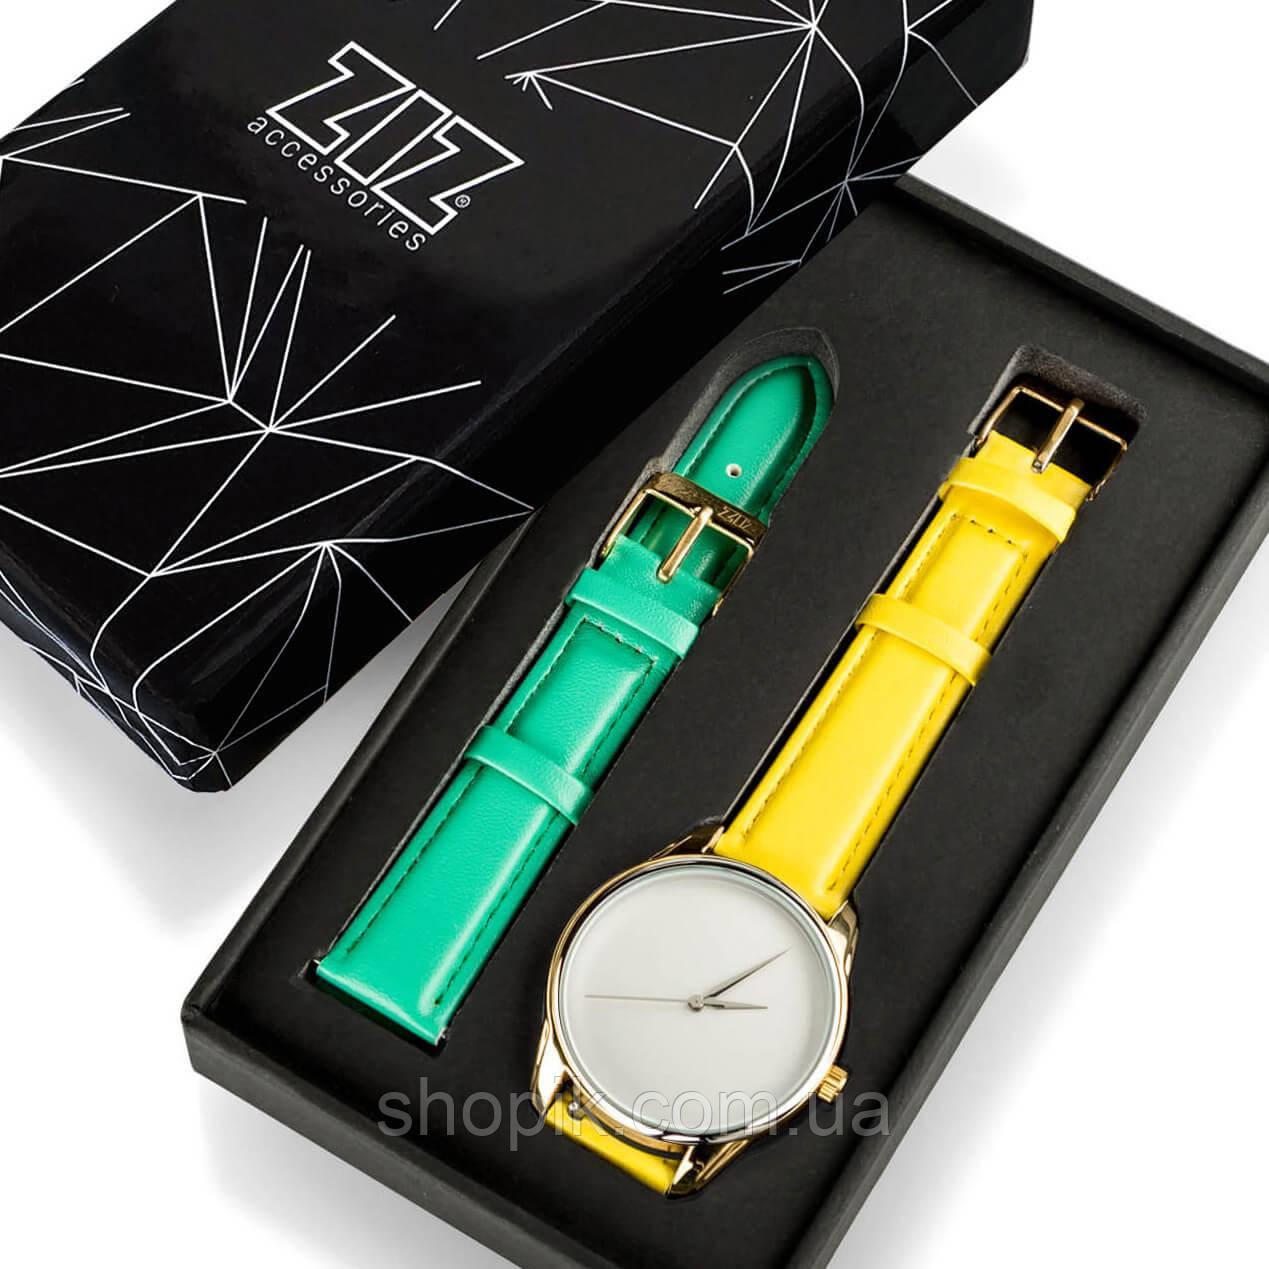 Часы ZIZ Минимализм (ремешок лимонно - желтый, золото) + дополнительный ремешок SHOPIK